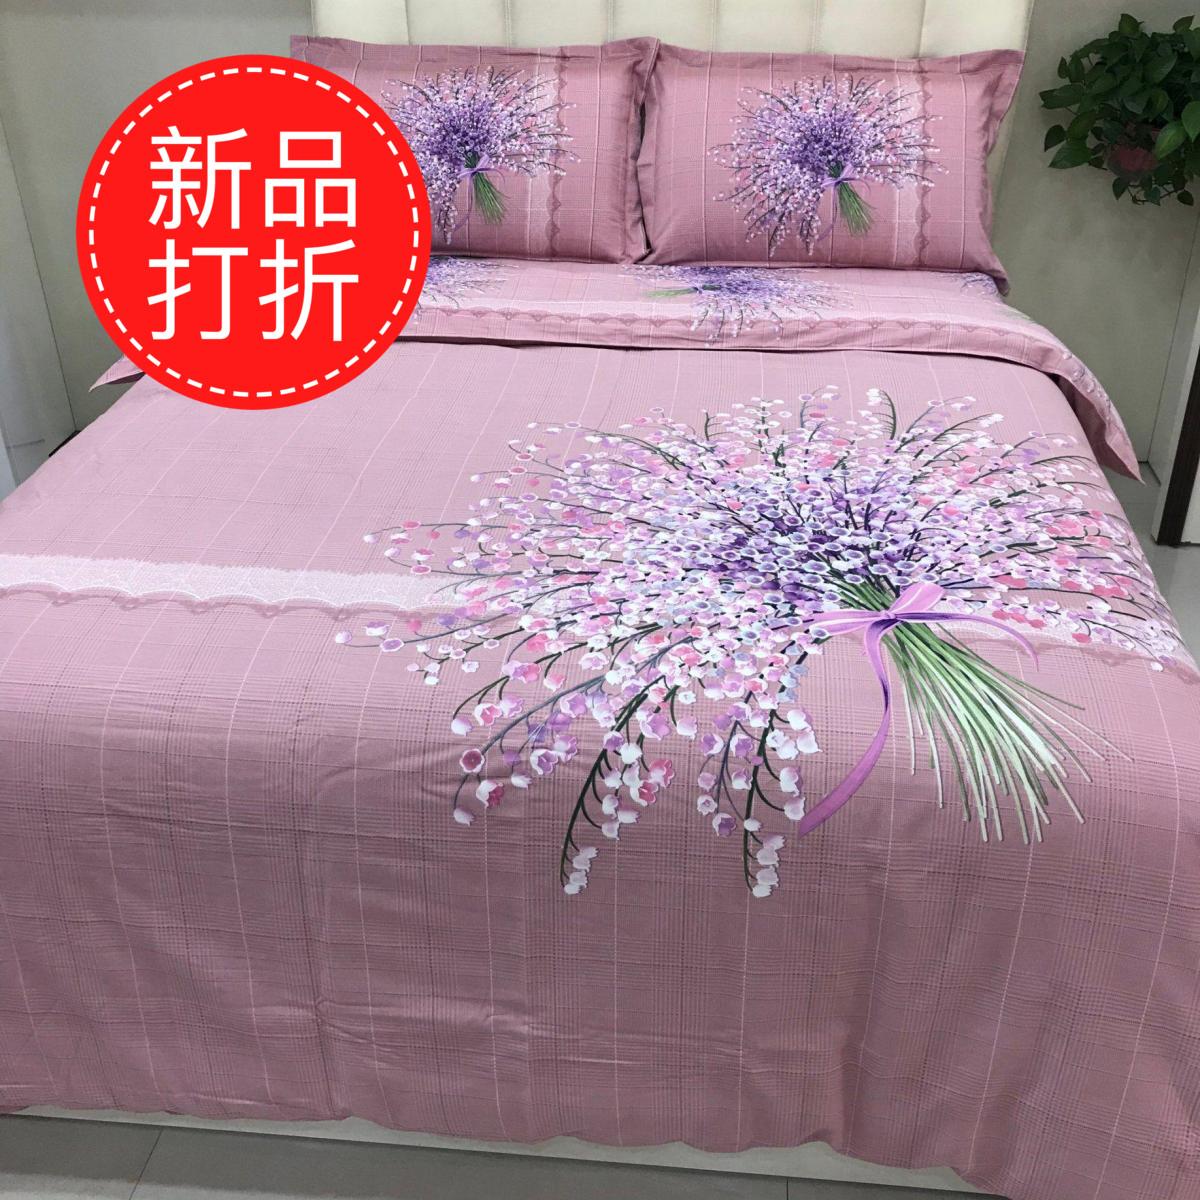 爱居家家纺 床上用品四件套春夏秋冬季纯棉床单棉粘被套 原创设计